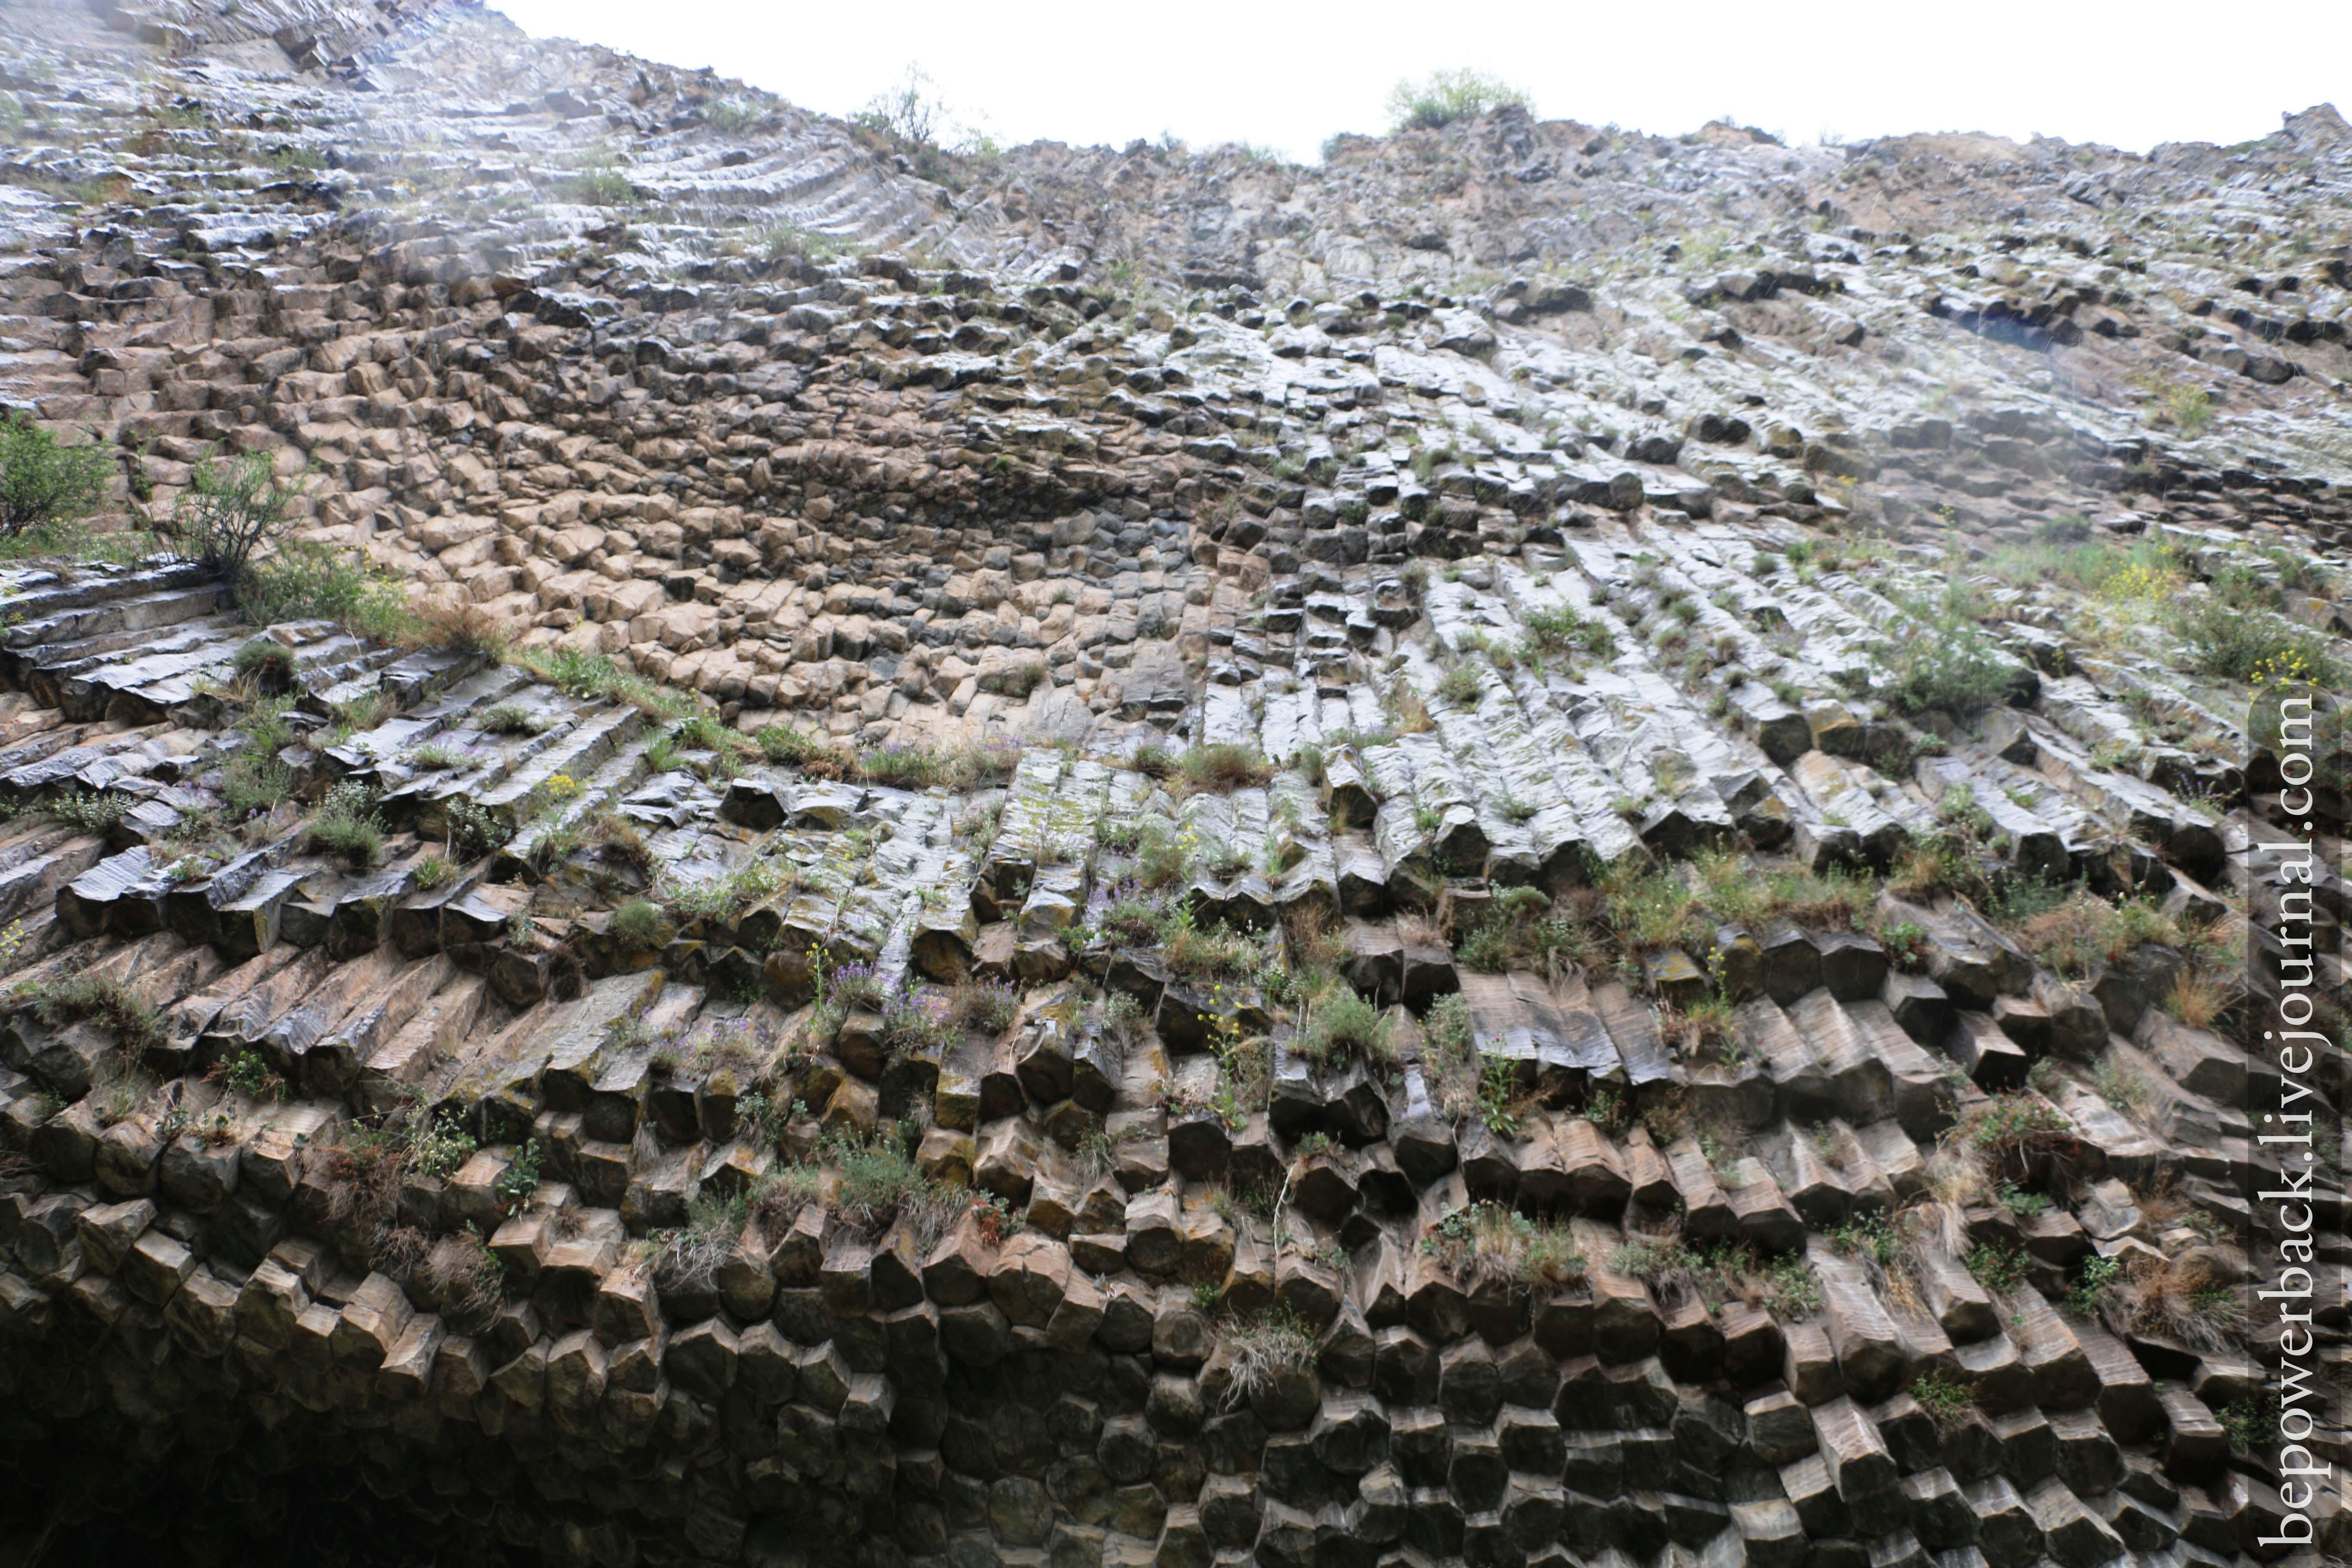 Драгоценные камни в алтайском крае фото